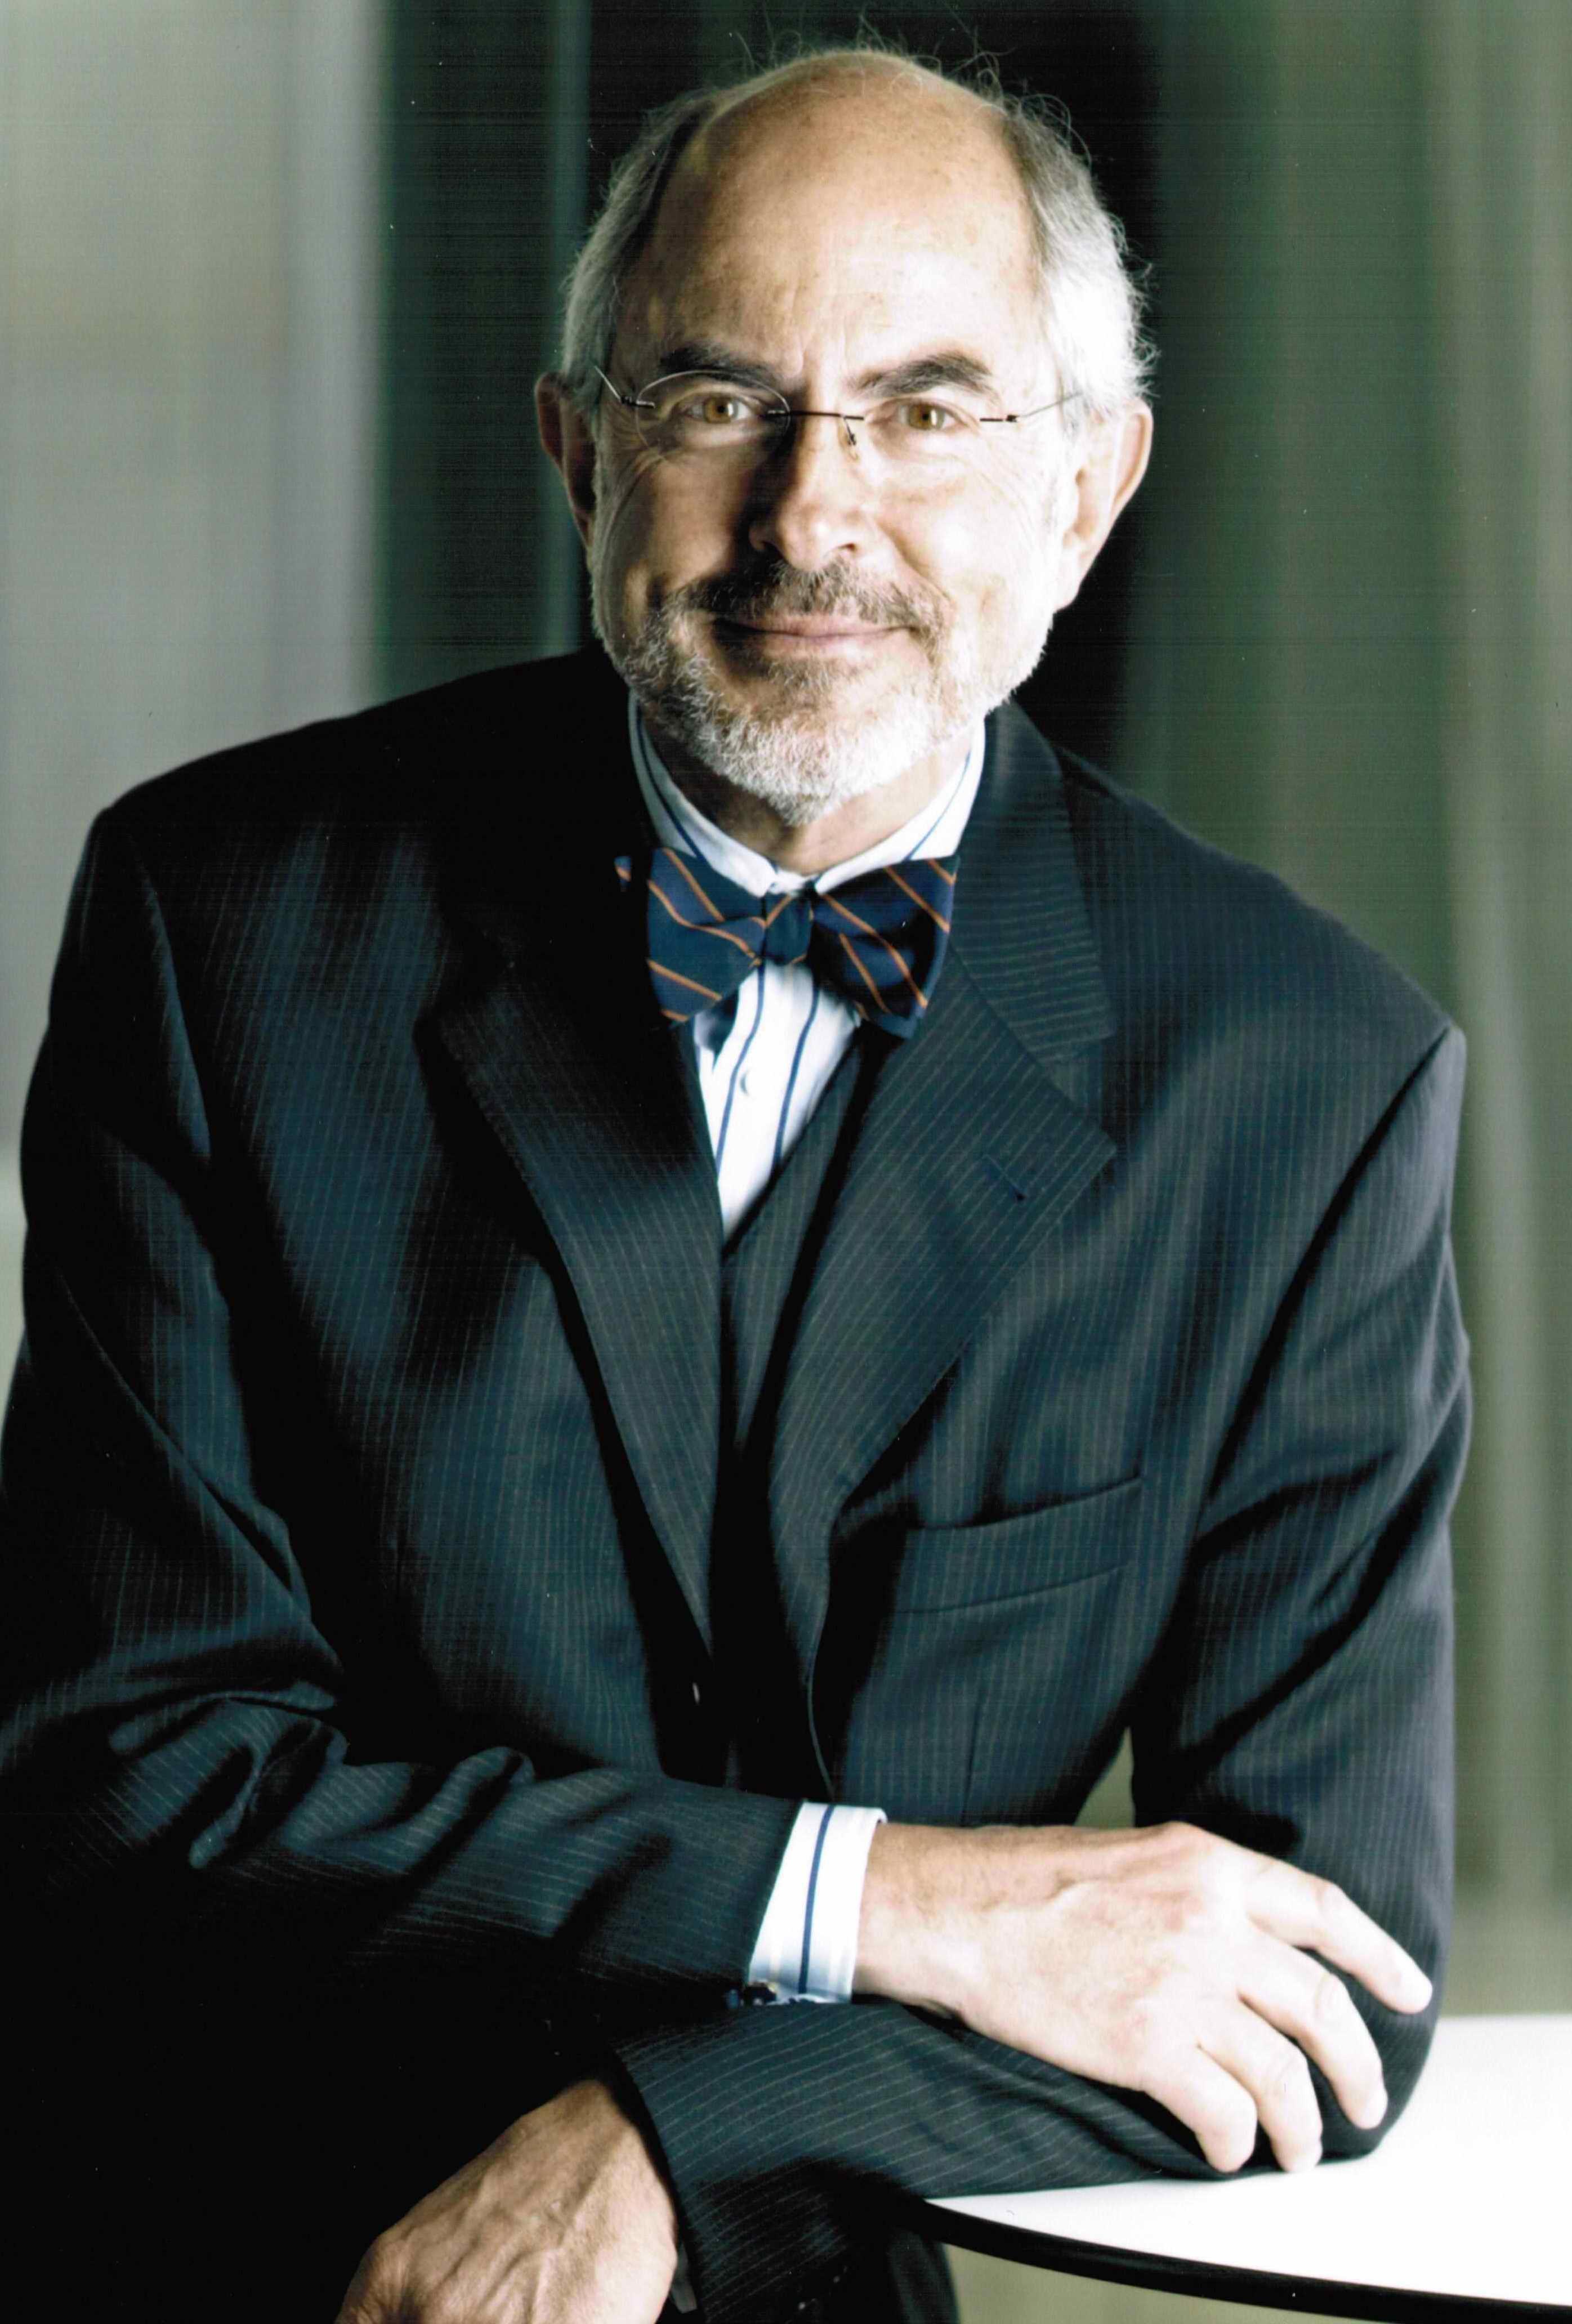 Professor Dr. Stefan Tangermann